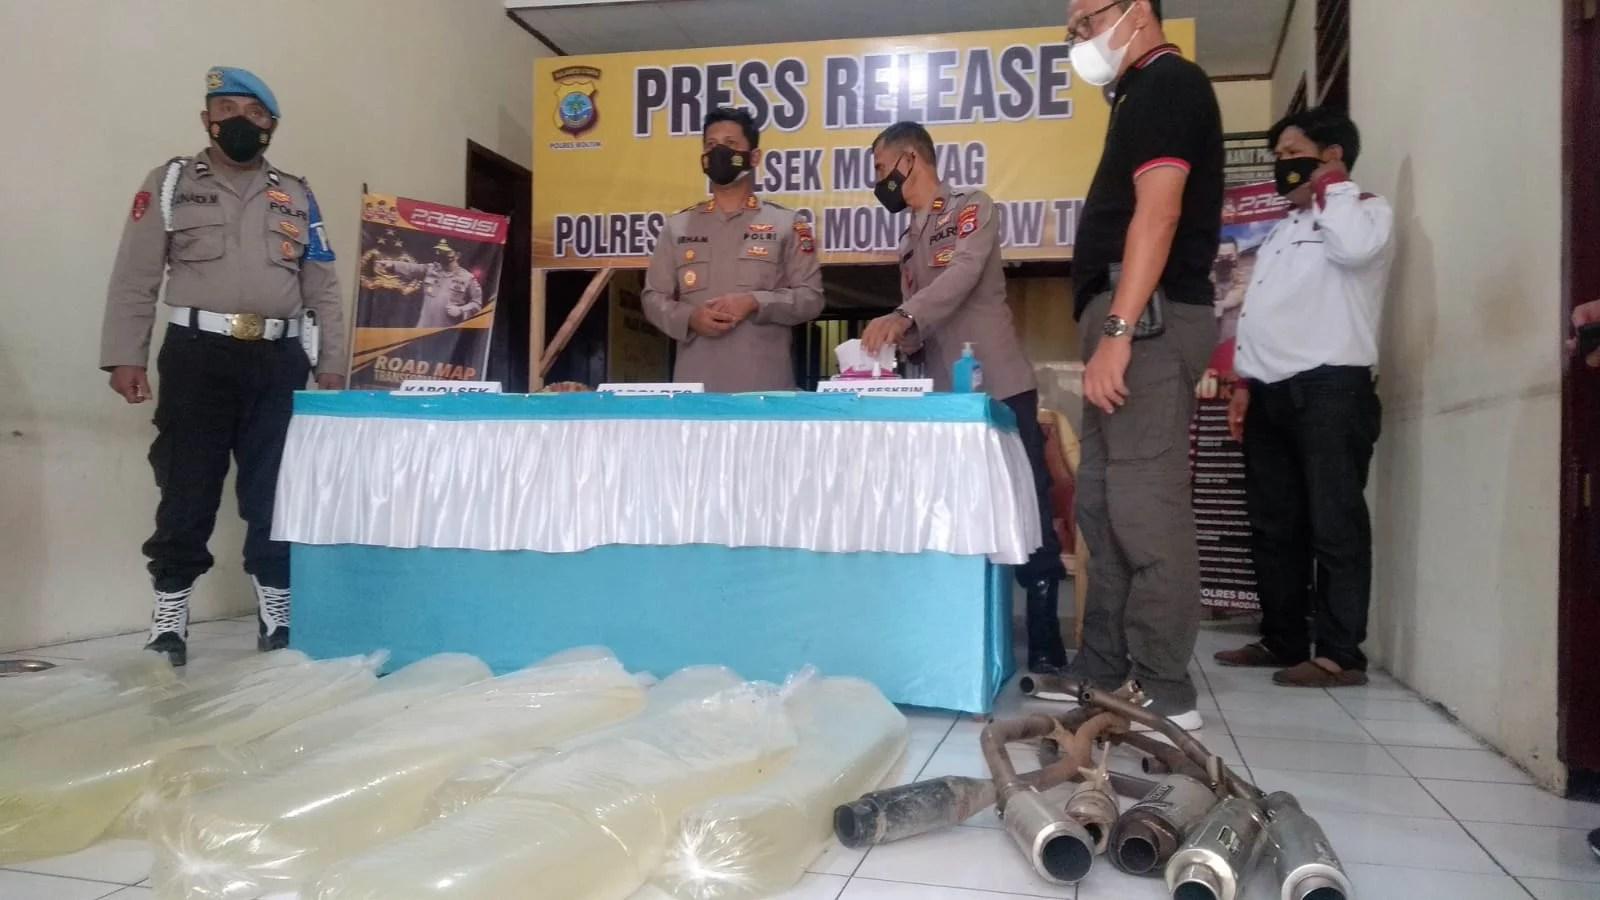 Polres Boltim Amankan Ratusan Liter Miras Cap Tikus dan Knalpot Tak Standar